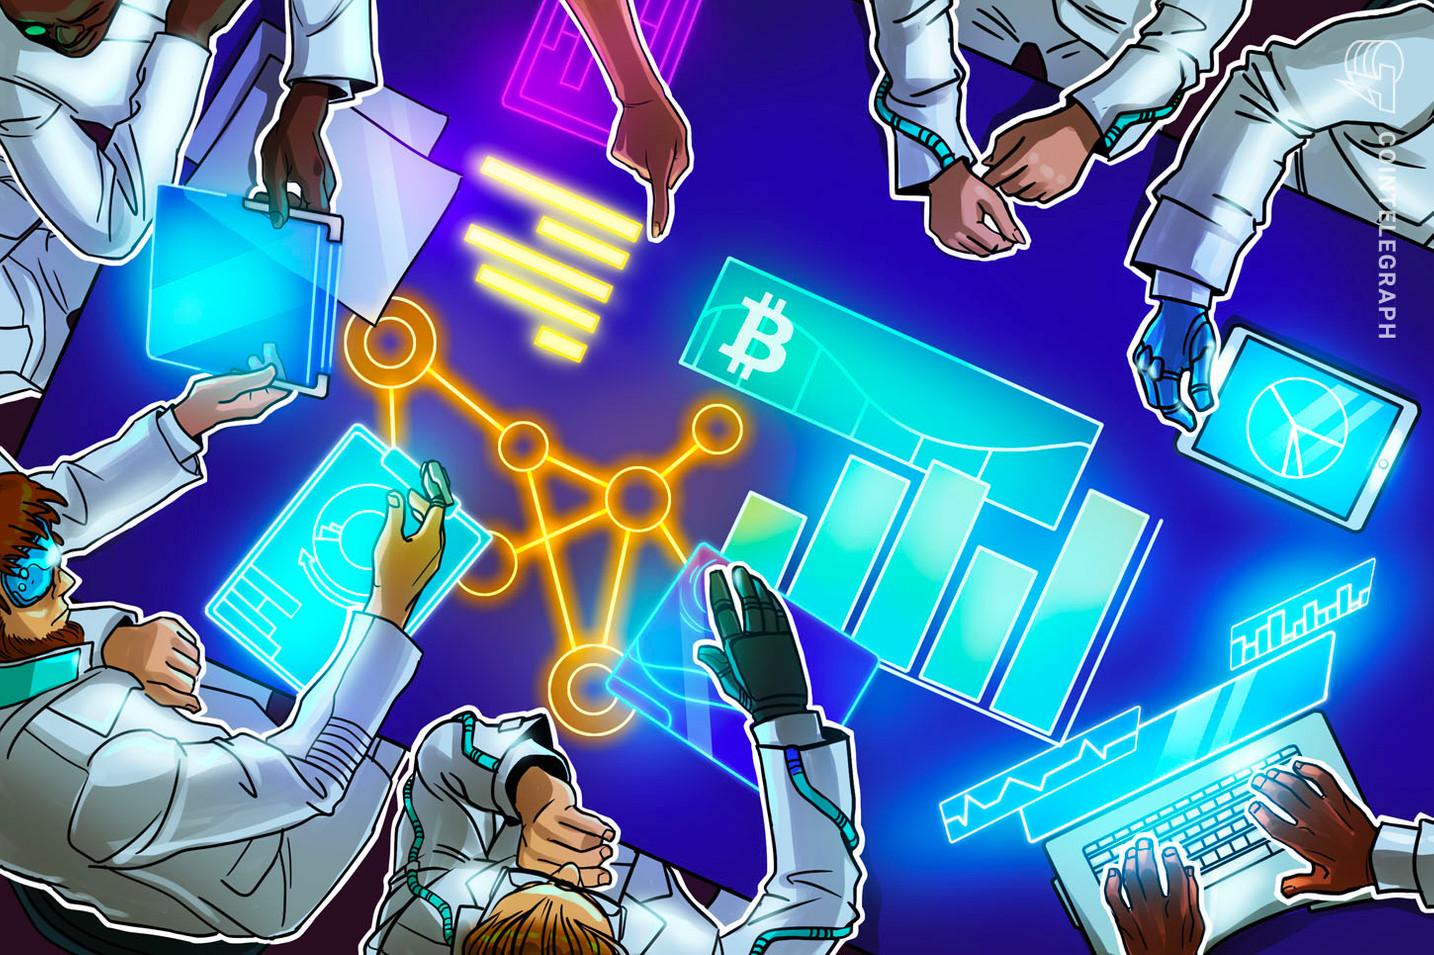 Bitcoin torna a 40.000$ e Ethereum si avvicina a 3.000$: nuovo rally in arrivo per le crypto?